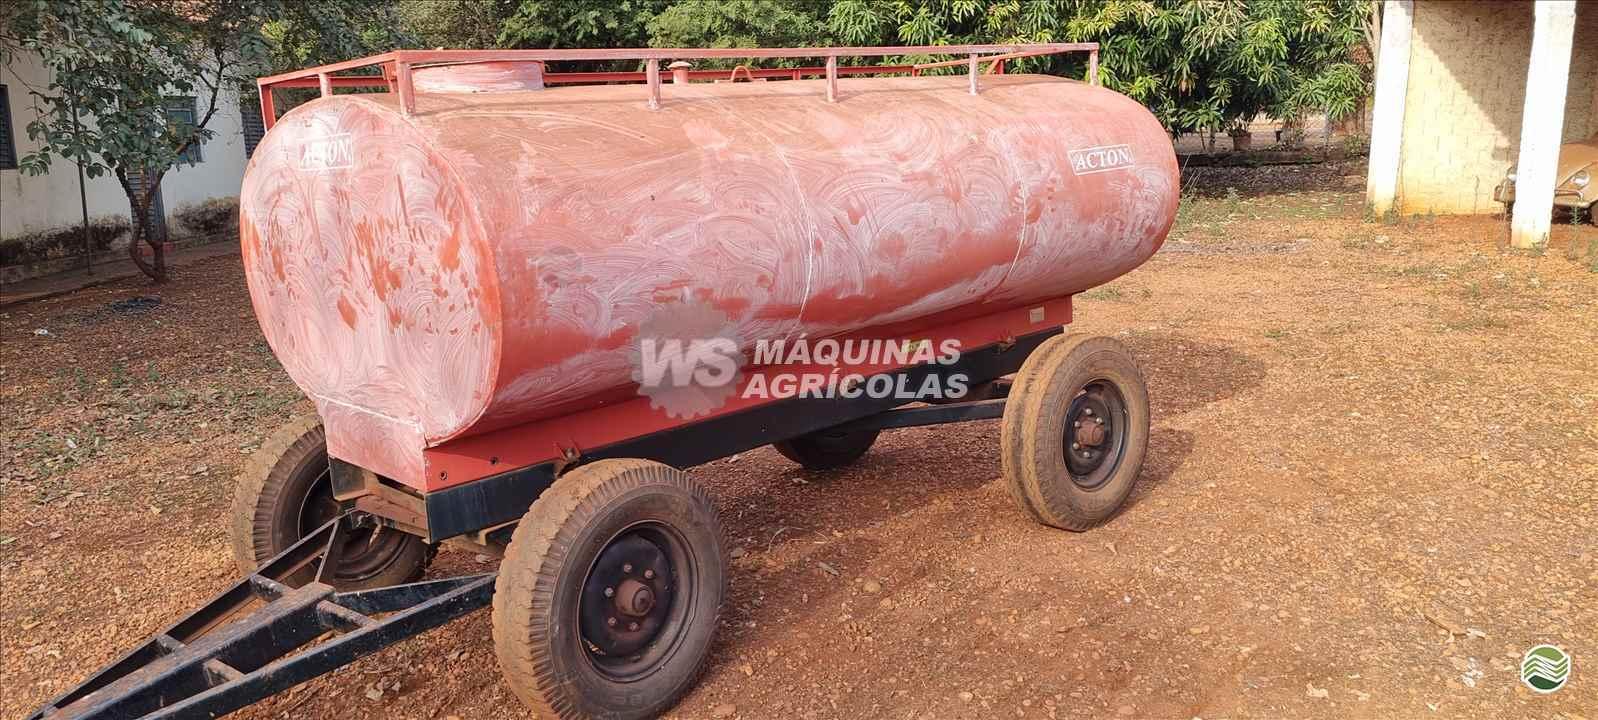 IMPLEMENTOS AGRICOLAS CARRETA TANQUE TANQUE 4500 LITROS WS Máquinas Agrícolas SERTAOZINHO SÃO PAULO SP